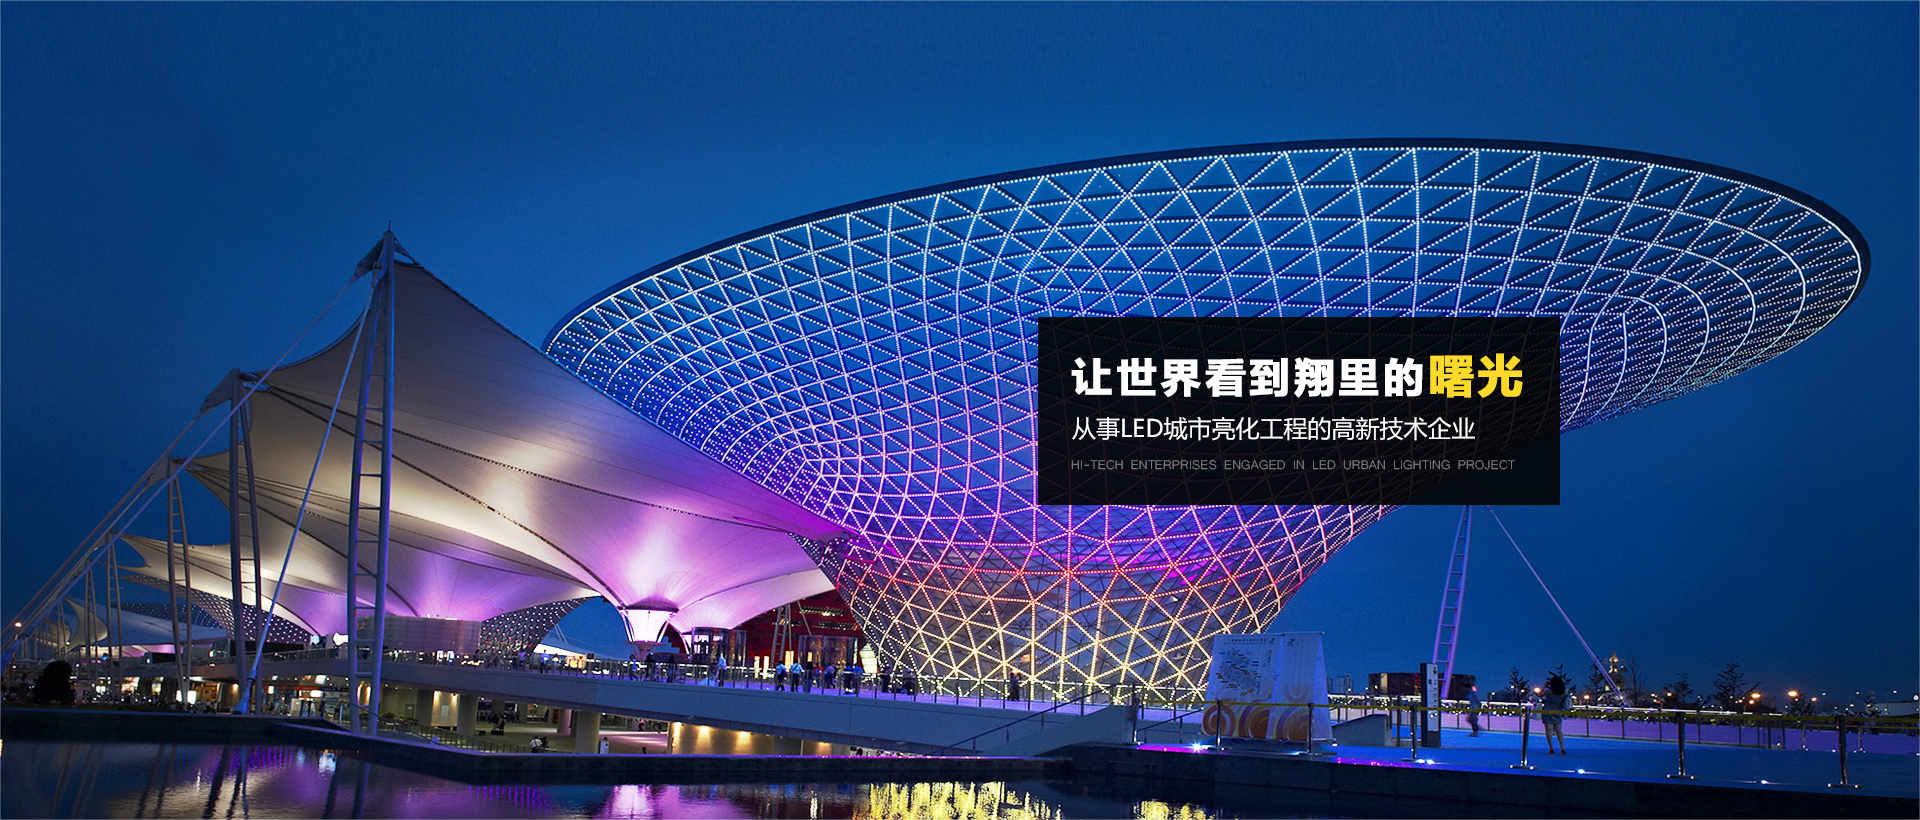 让世界看到翔里的曙光,从事LED城市亮化工程的高新技术企业